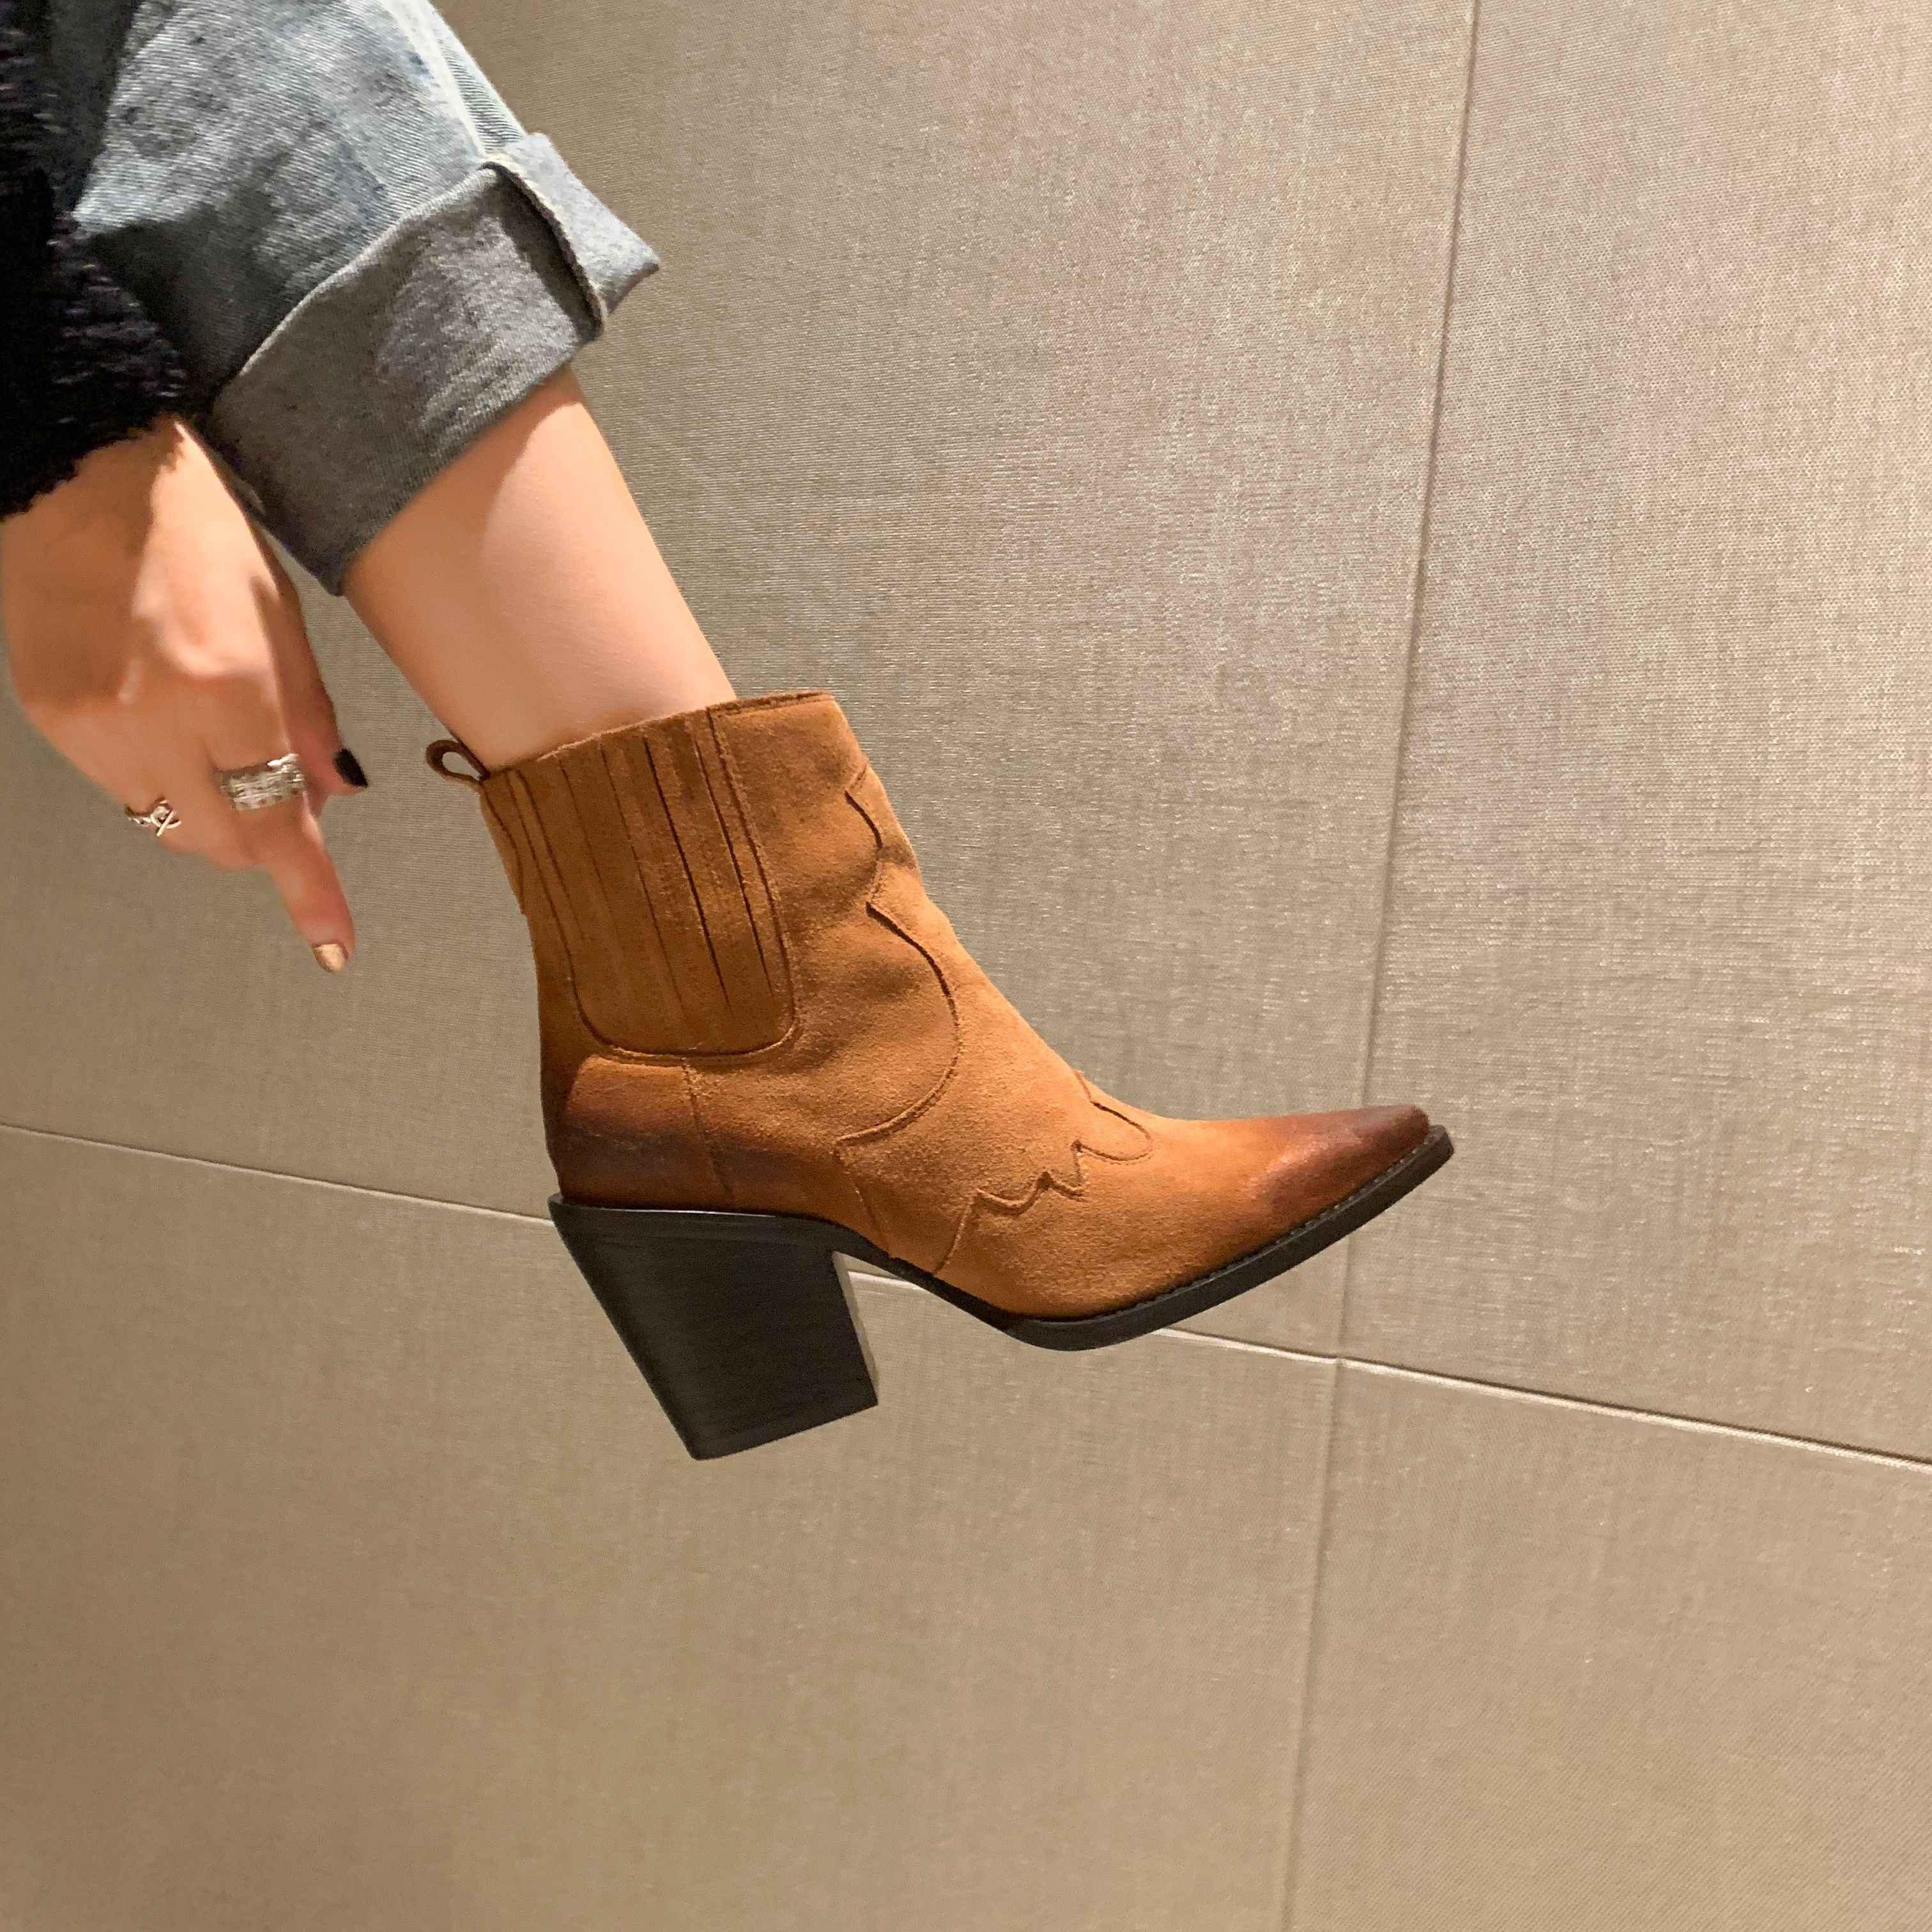 Deri çizmeler kadın hakiki sivri burun orta topuk yarım çizmeler kalın kare topuk üzerinde kayma batı botları kovboy çizmeleri kadın 2019 yeni